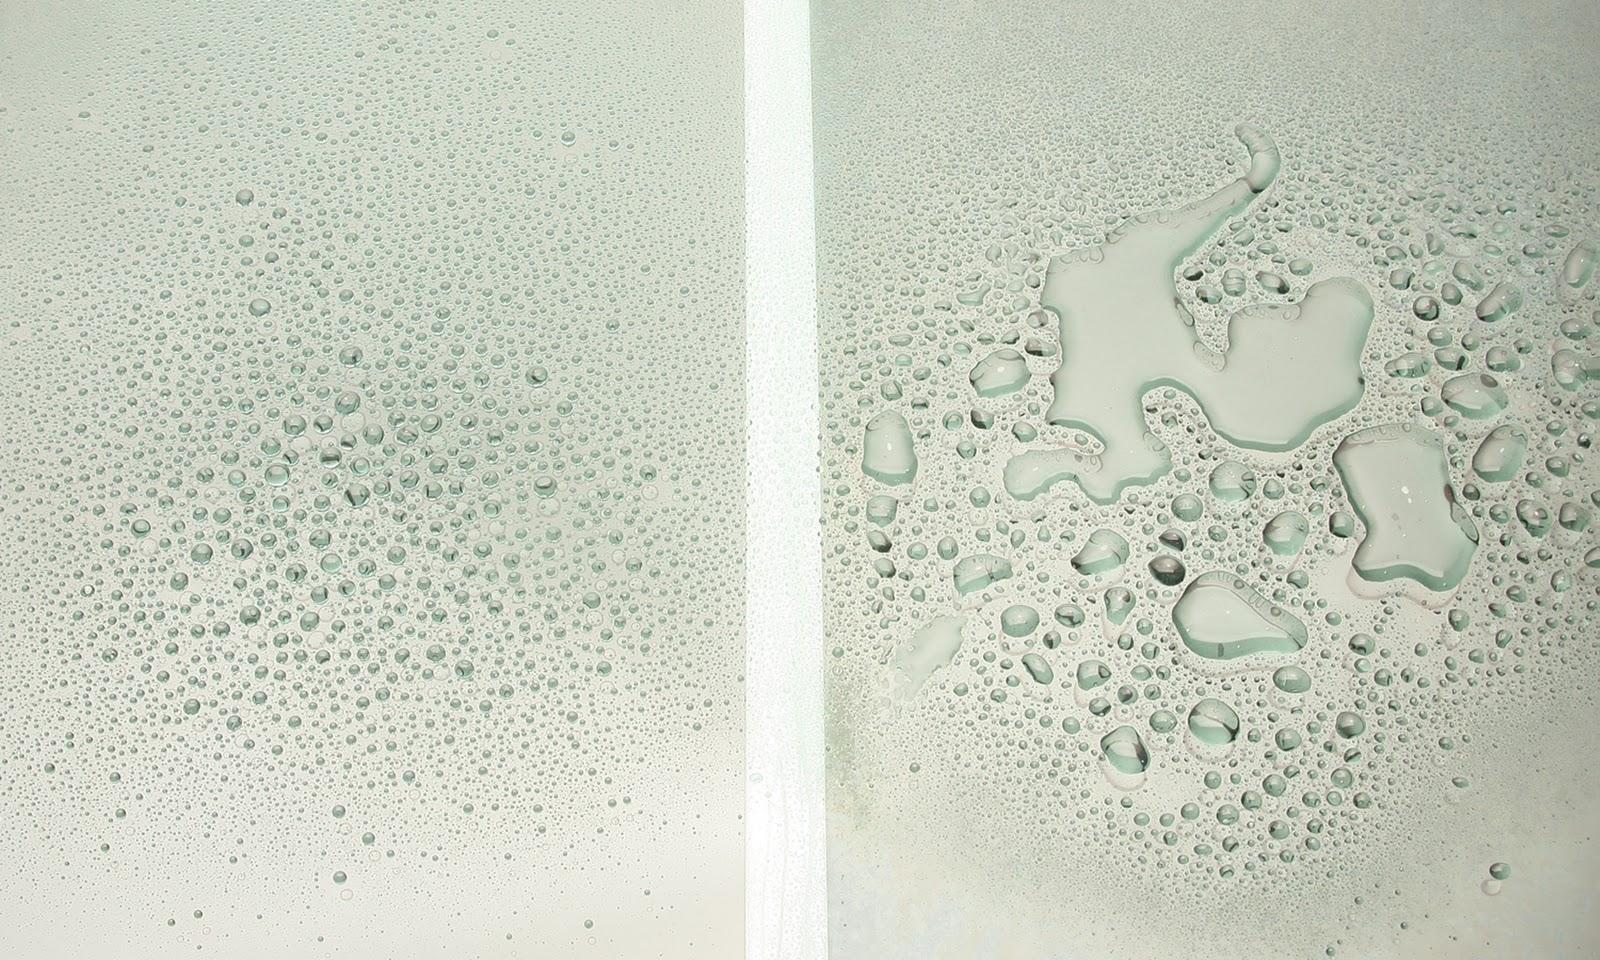 Imagens de #6A7457 Blog da Revestir.com: Fim da sujeira 1600x960 px 3538 Blindex Banheiro Limpeza